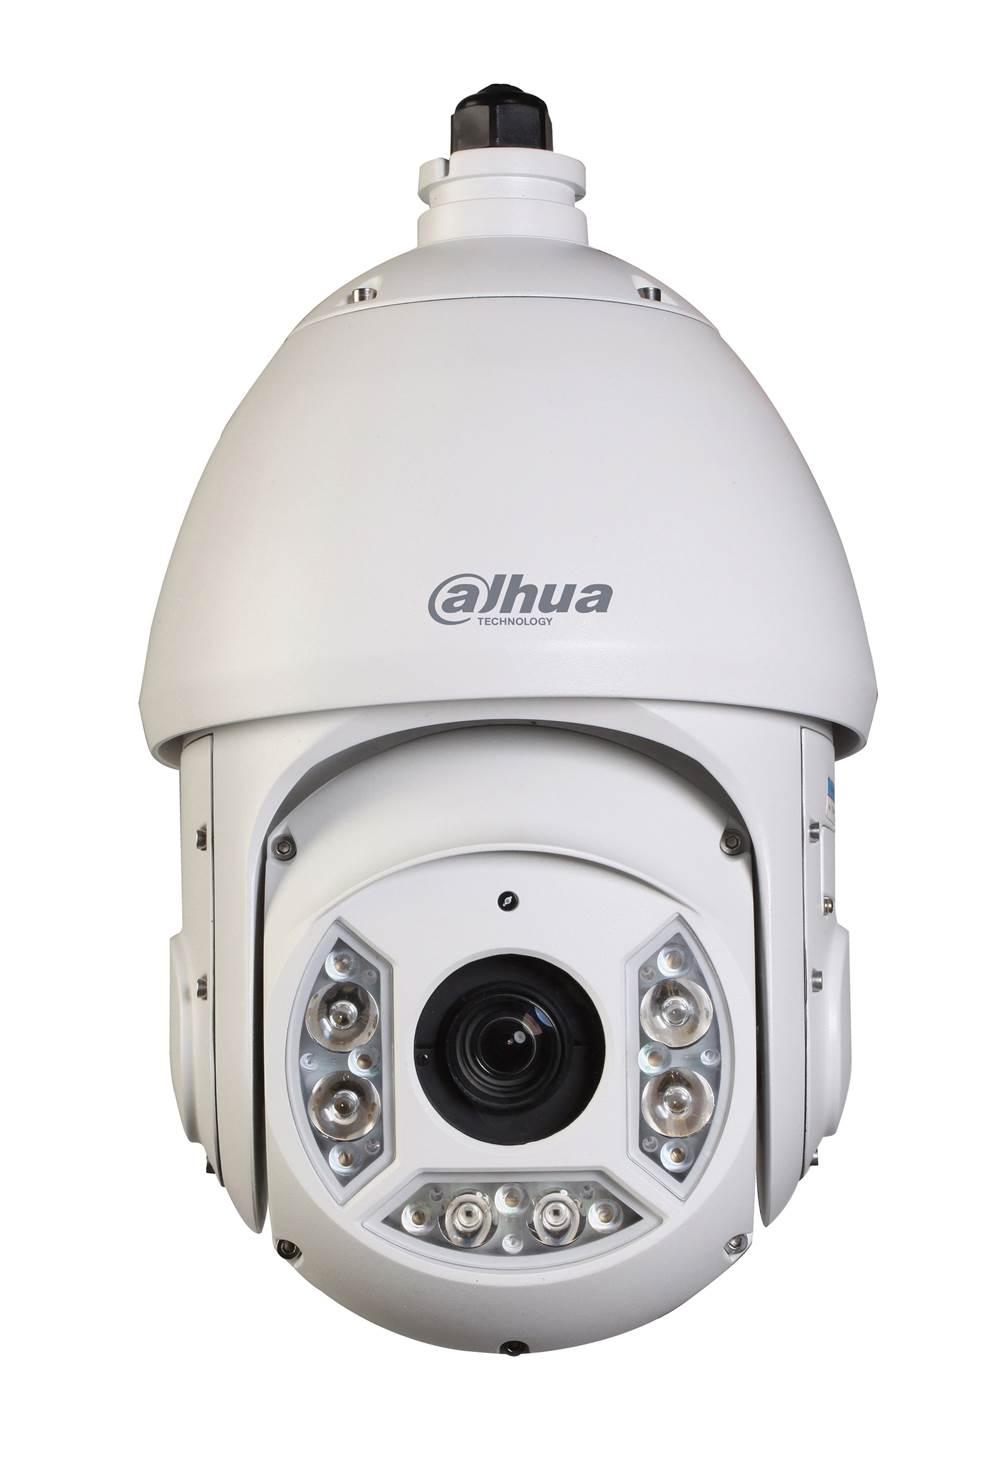 กล้องวงจรปิด Dahua SD42112I-HC HDCVI PTZ Dome Camera 1MP หมุนได้รอบตัว 360°